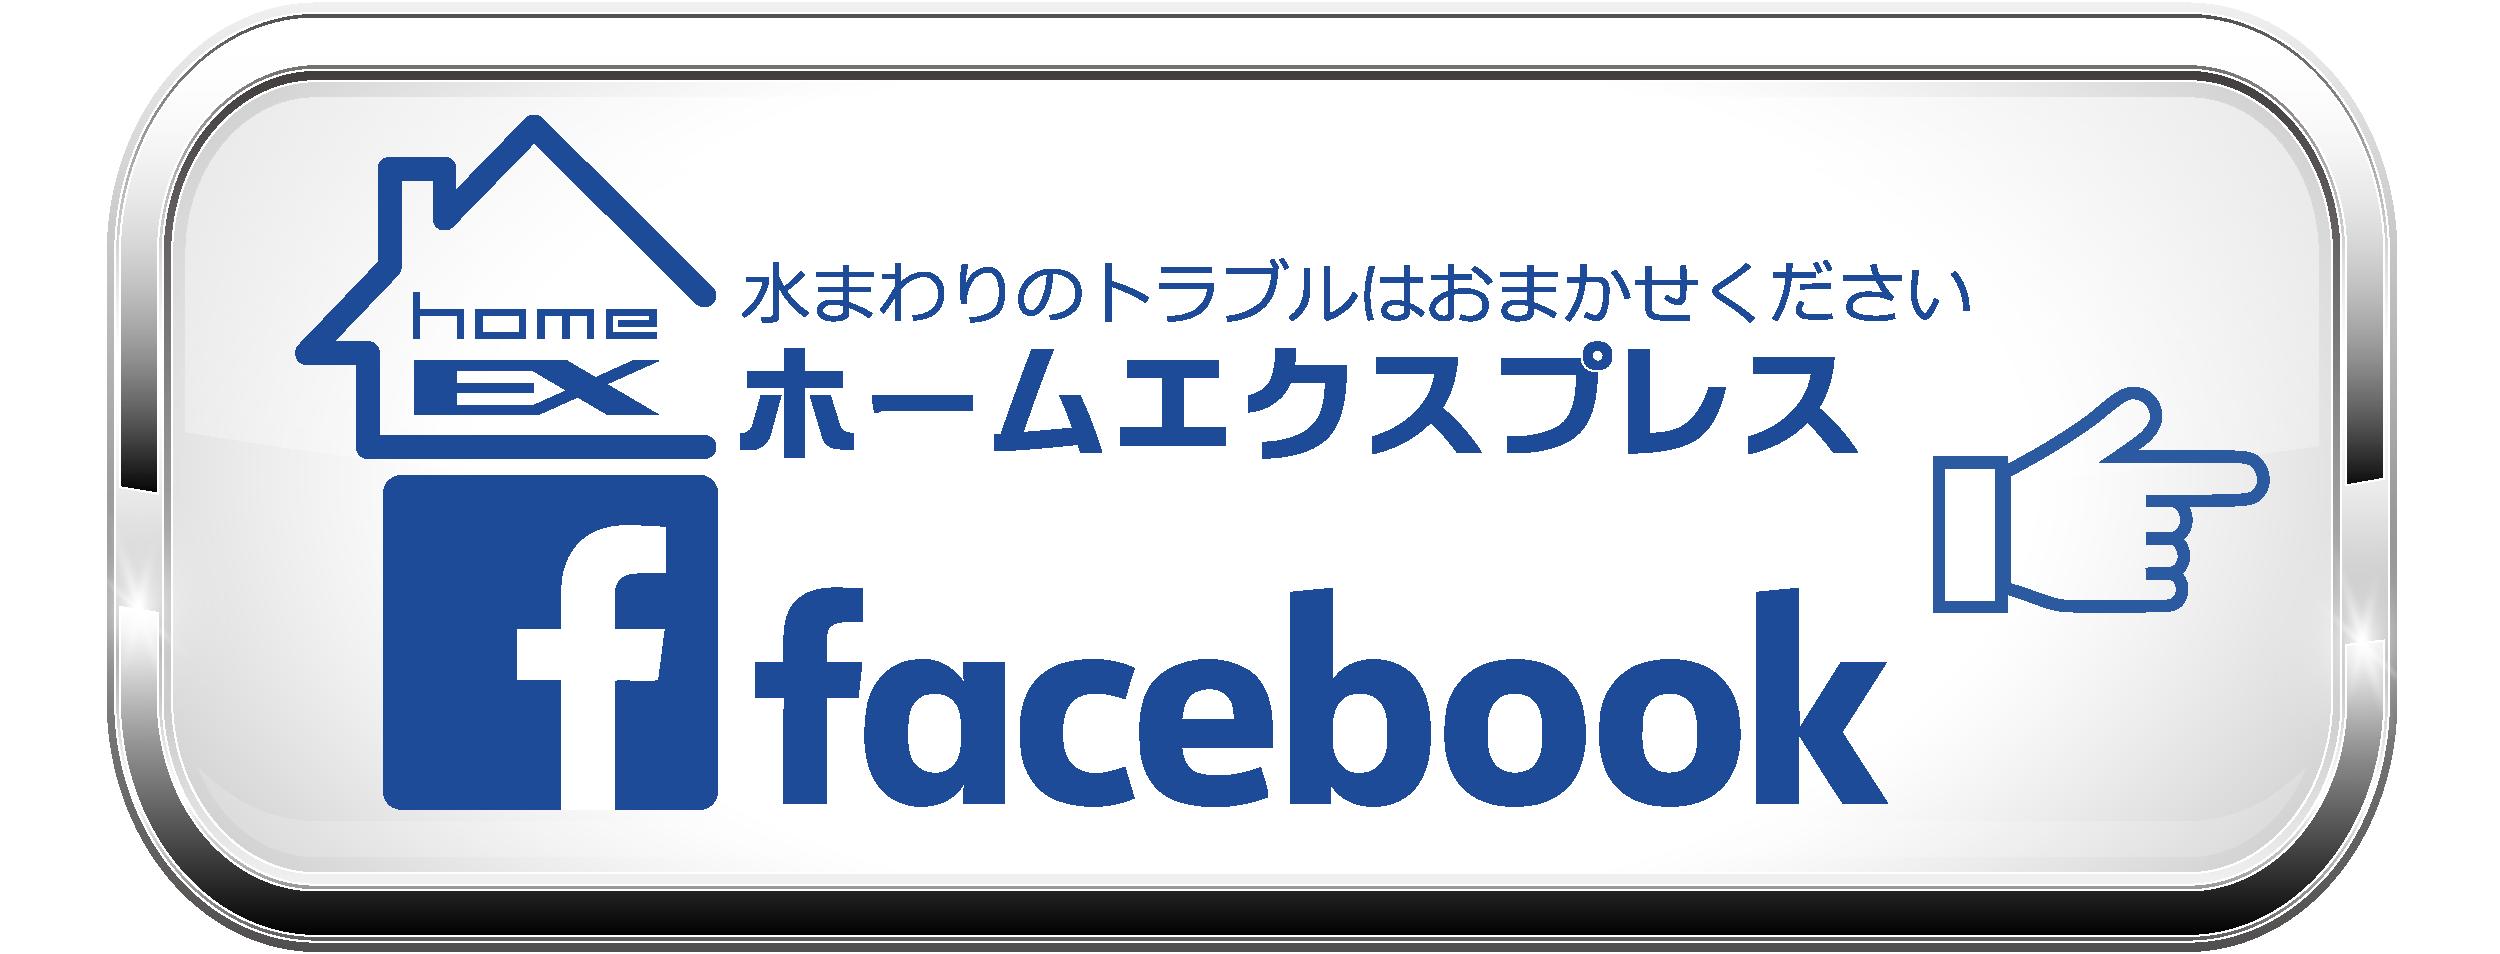 ホームエクスプレス・Facebookへのリンクボタン